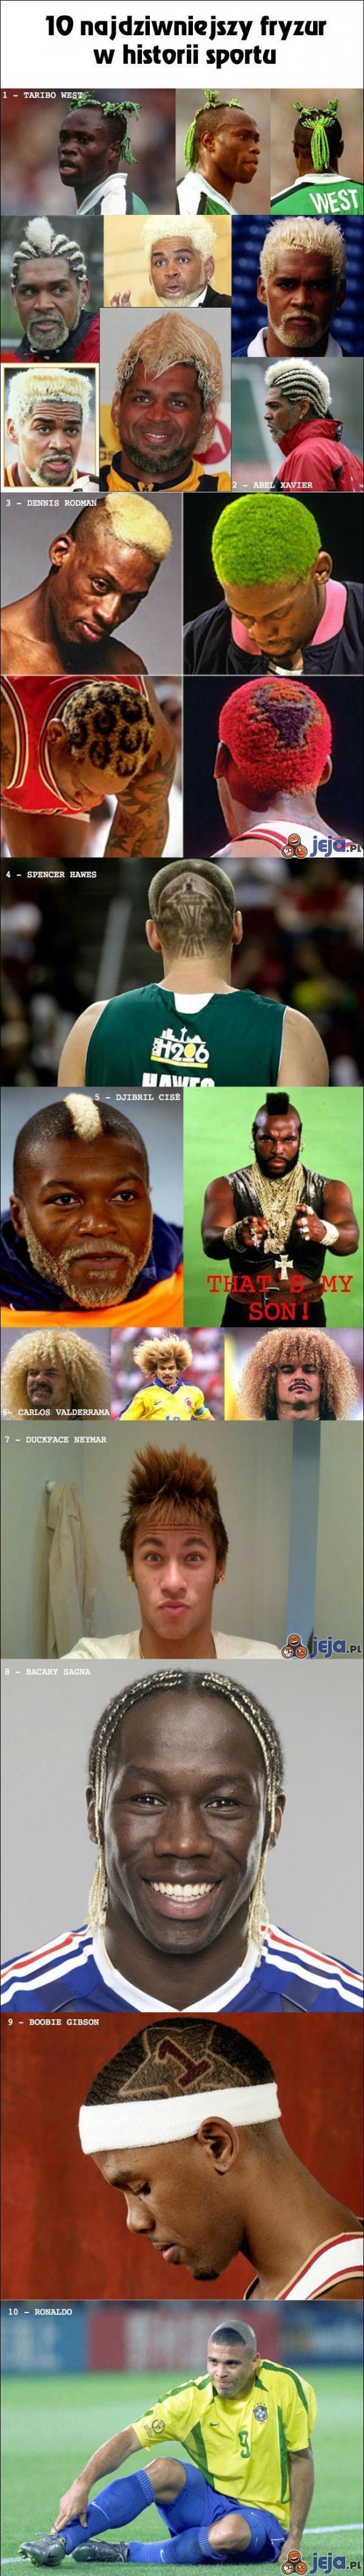 Top 10 najdziwniejszych fryzur sportowców